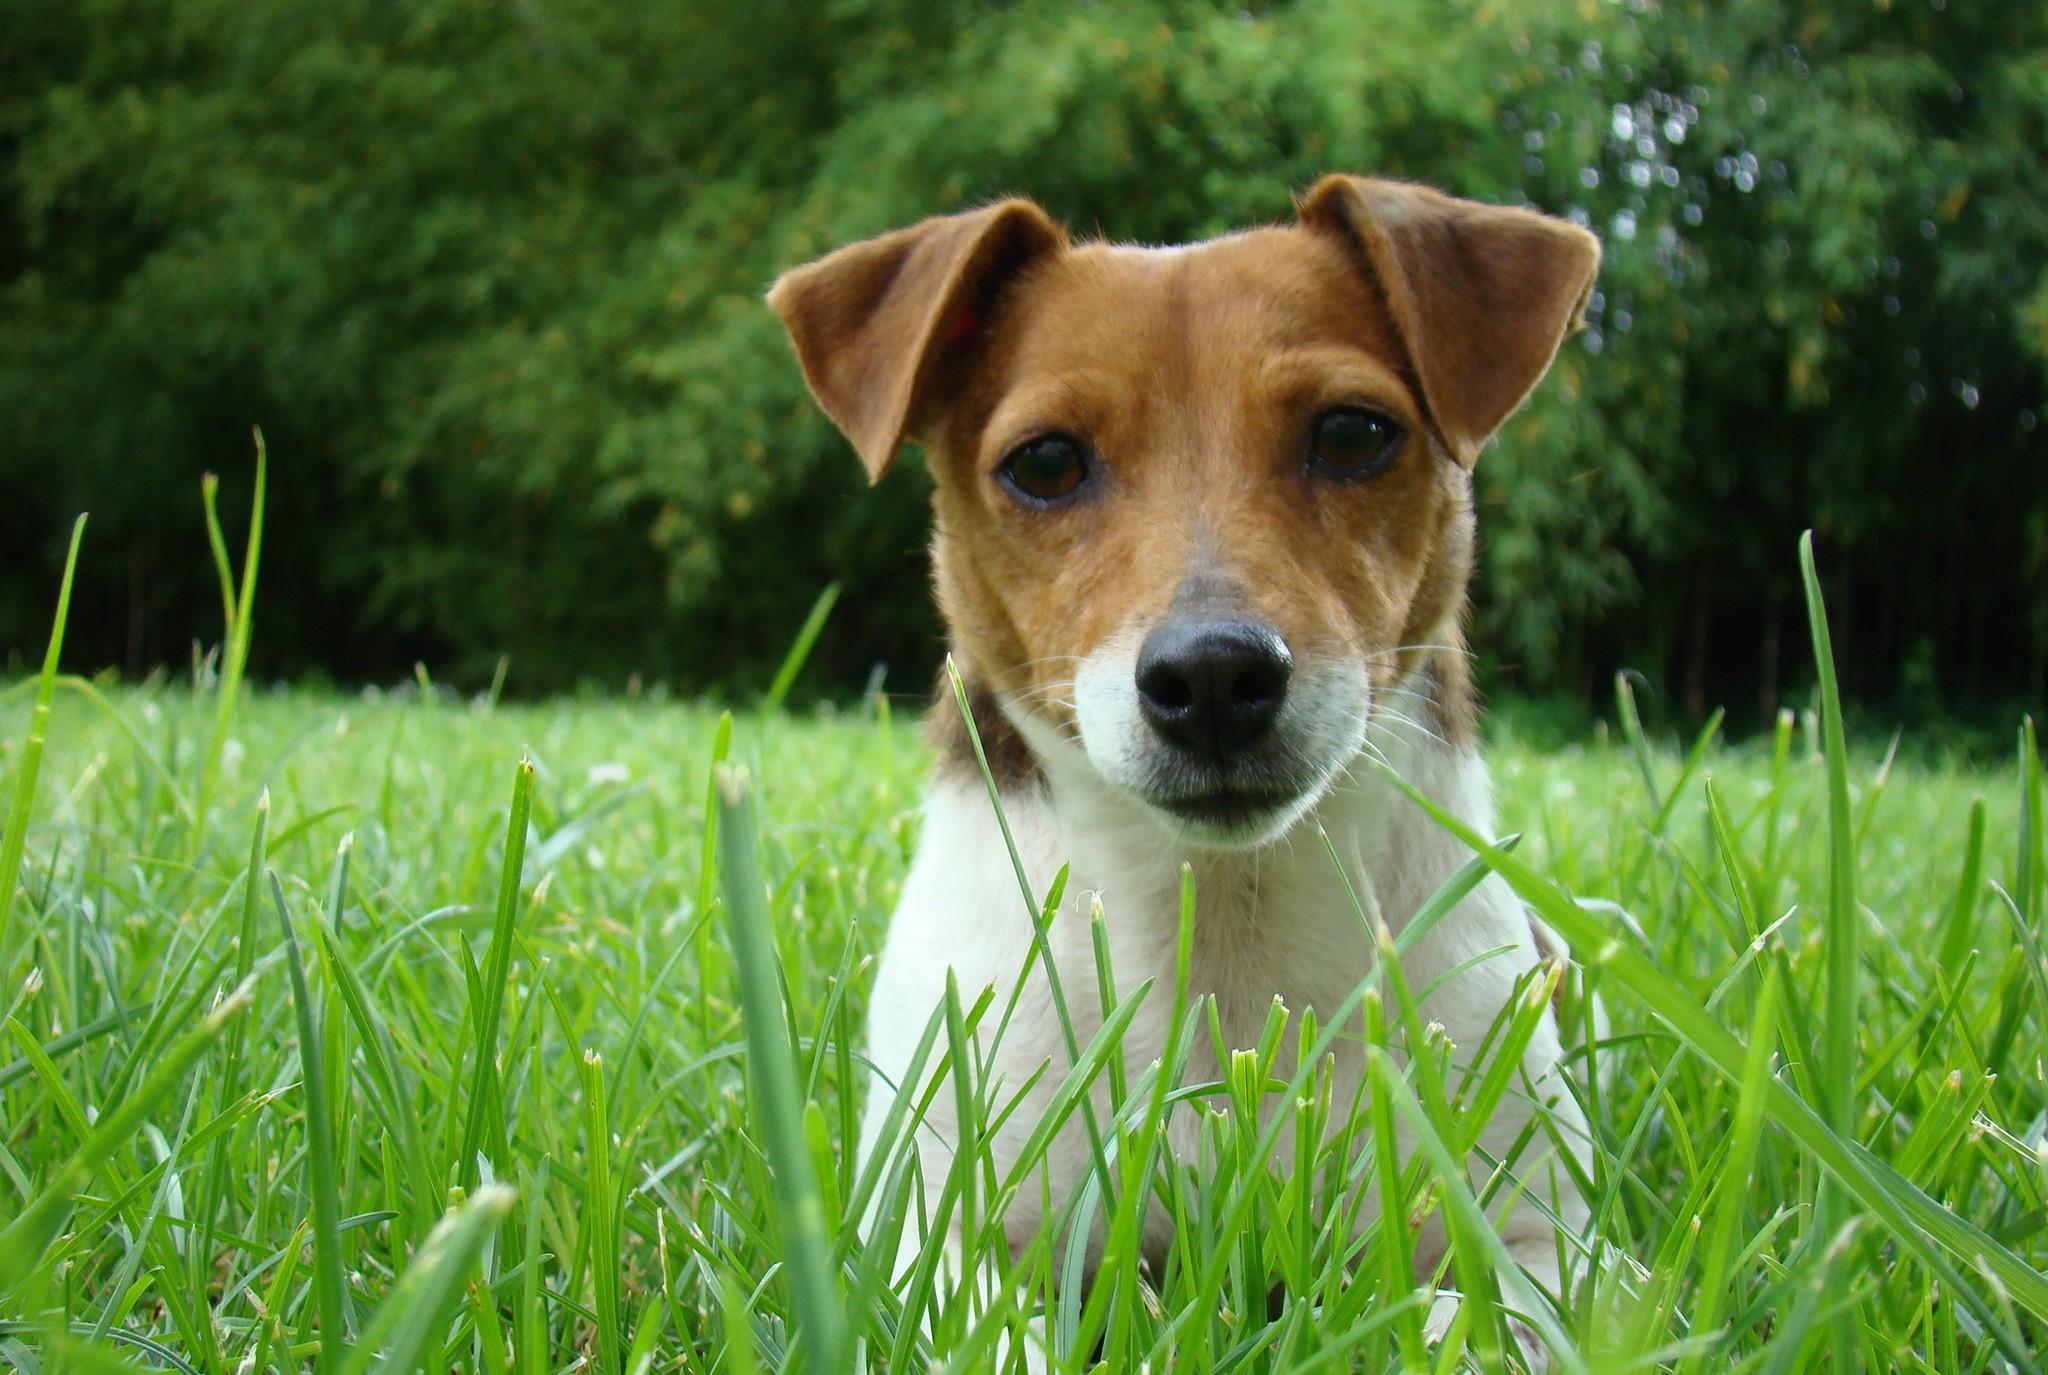 Dog in Fescue Grass